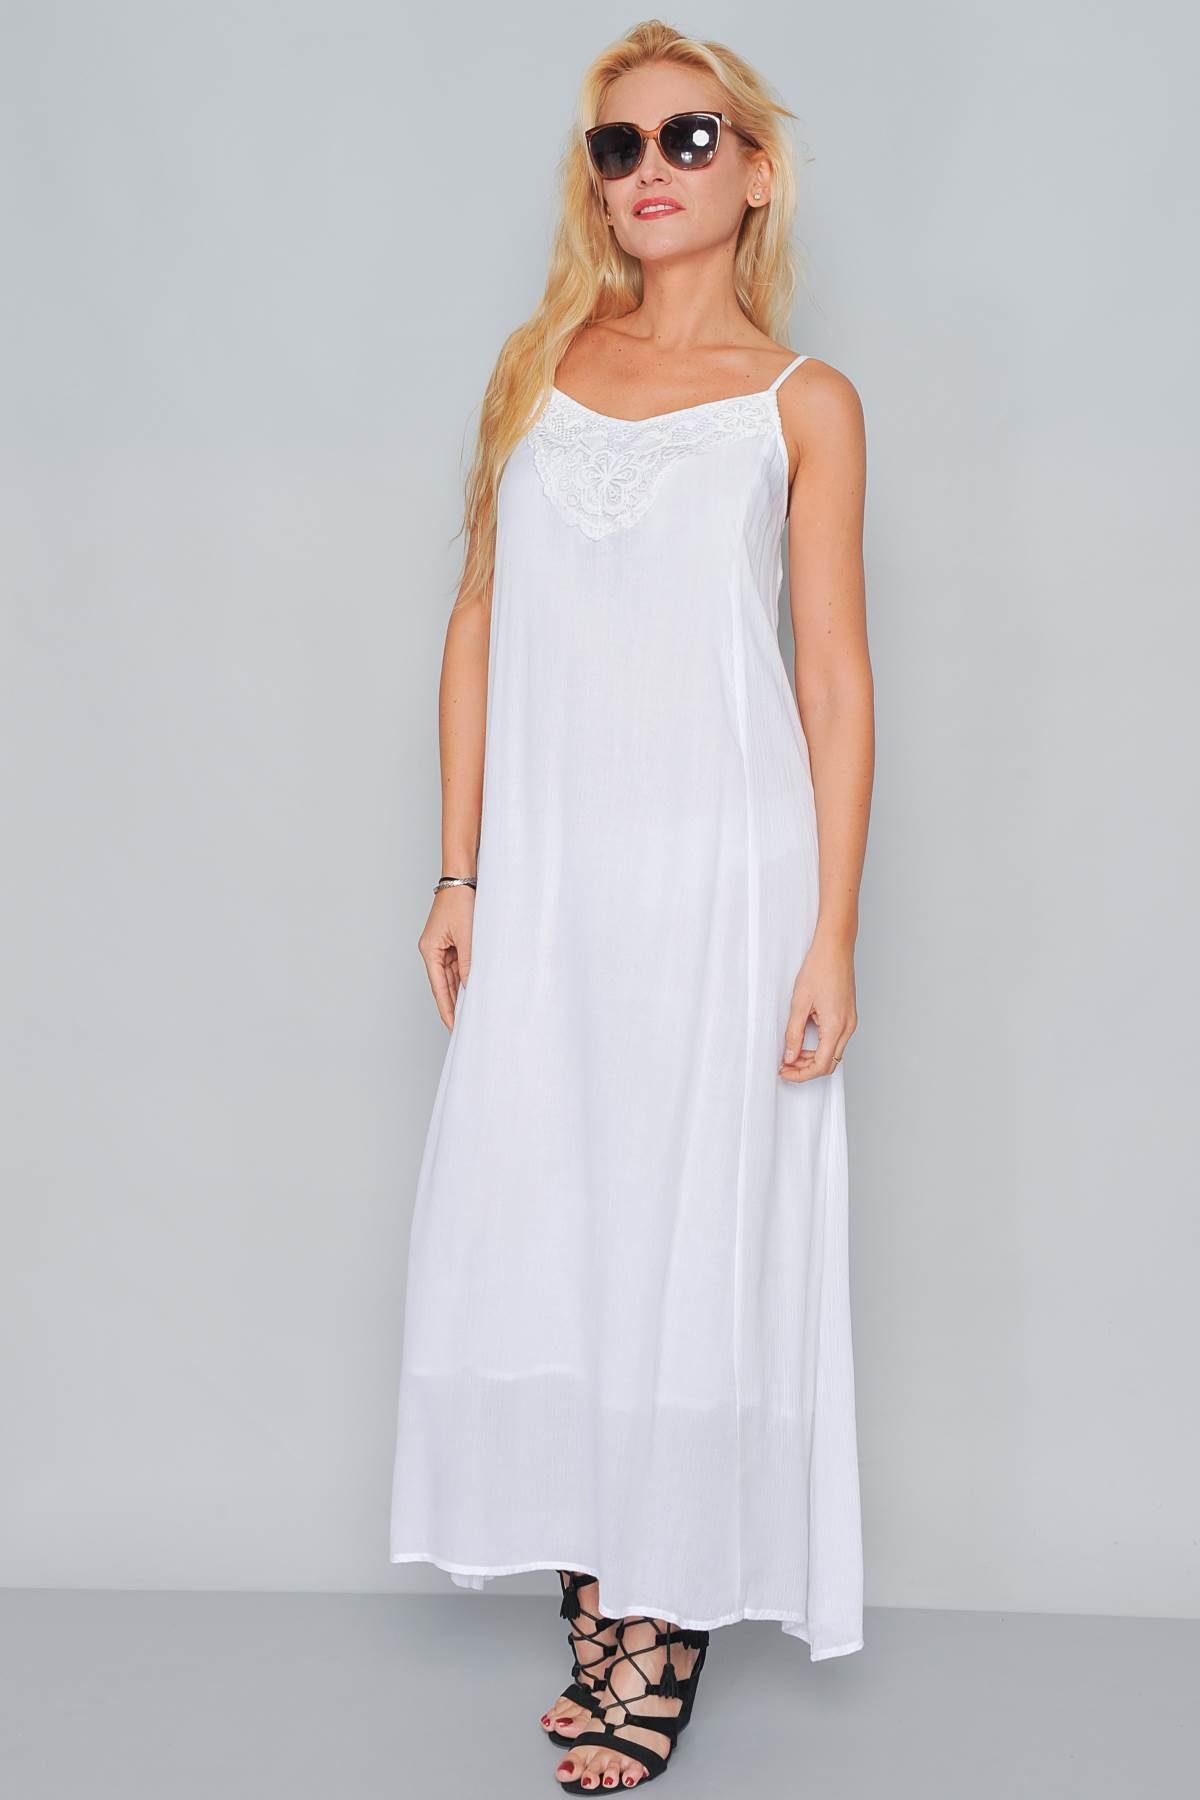 9f5ae1677 Abito lungo bianco in cotone - FRANK LISITANO Store